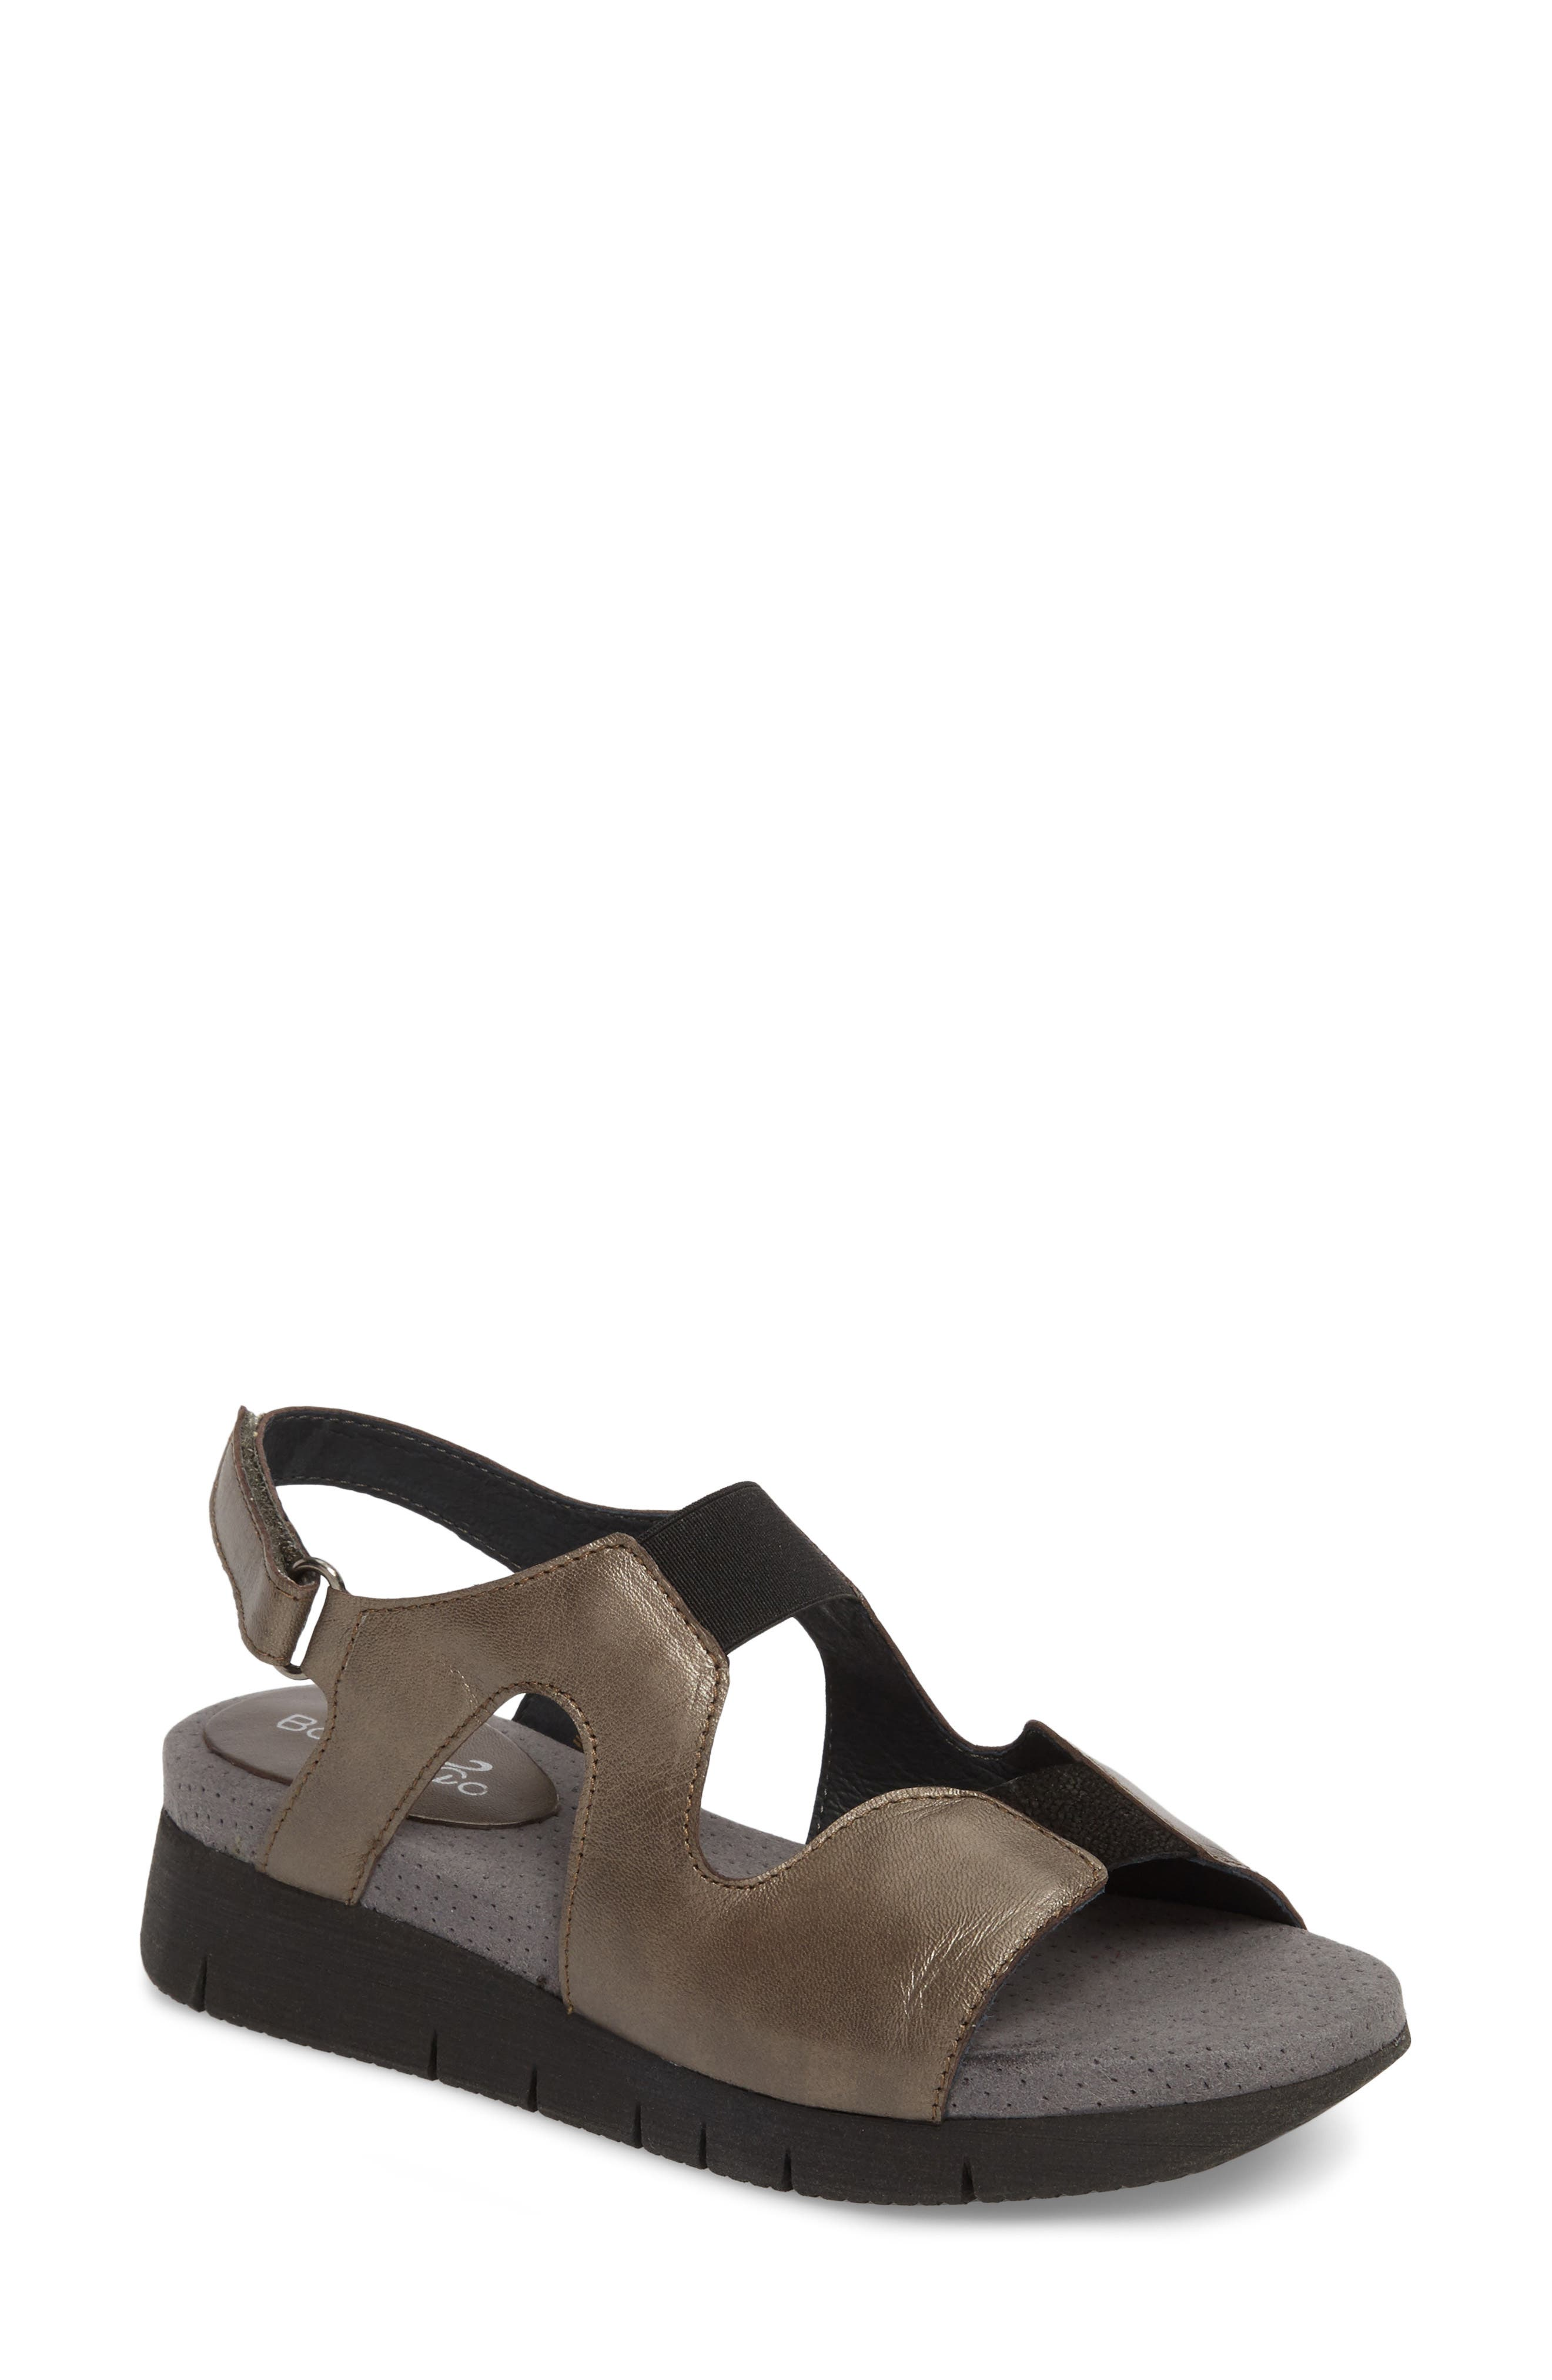 Bos. & Co. Pori Sandal - Grey